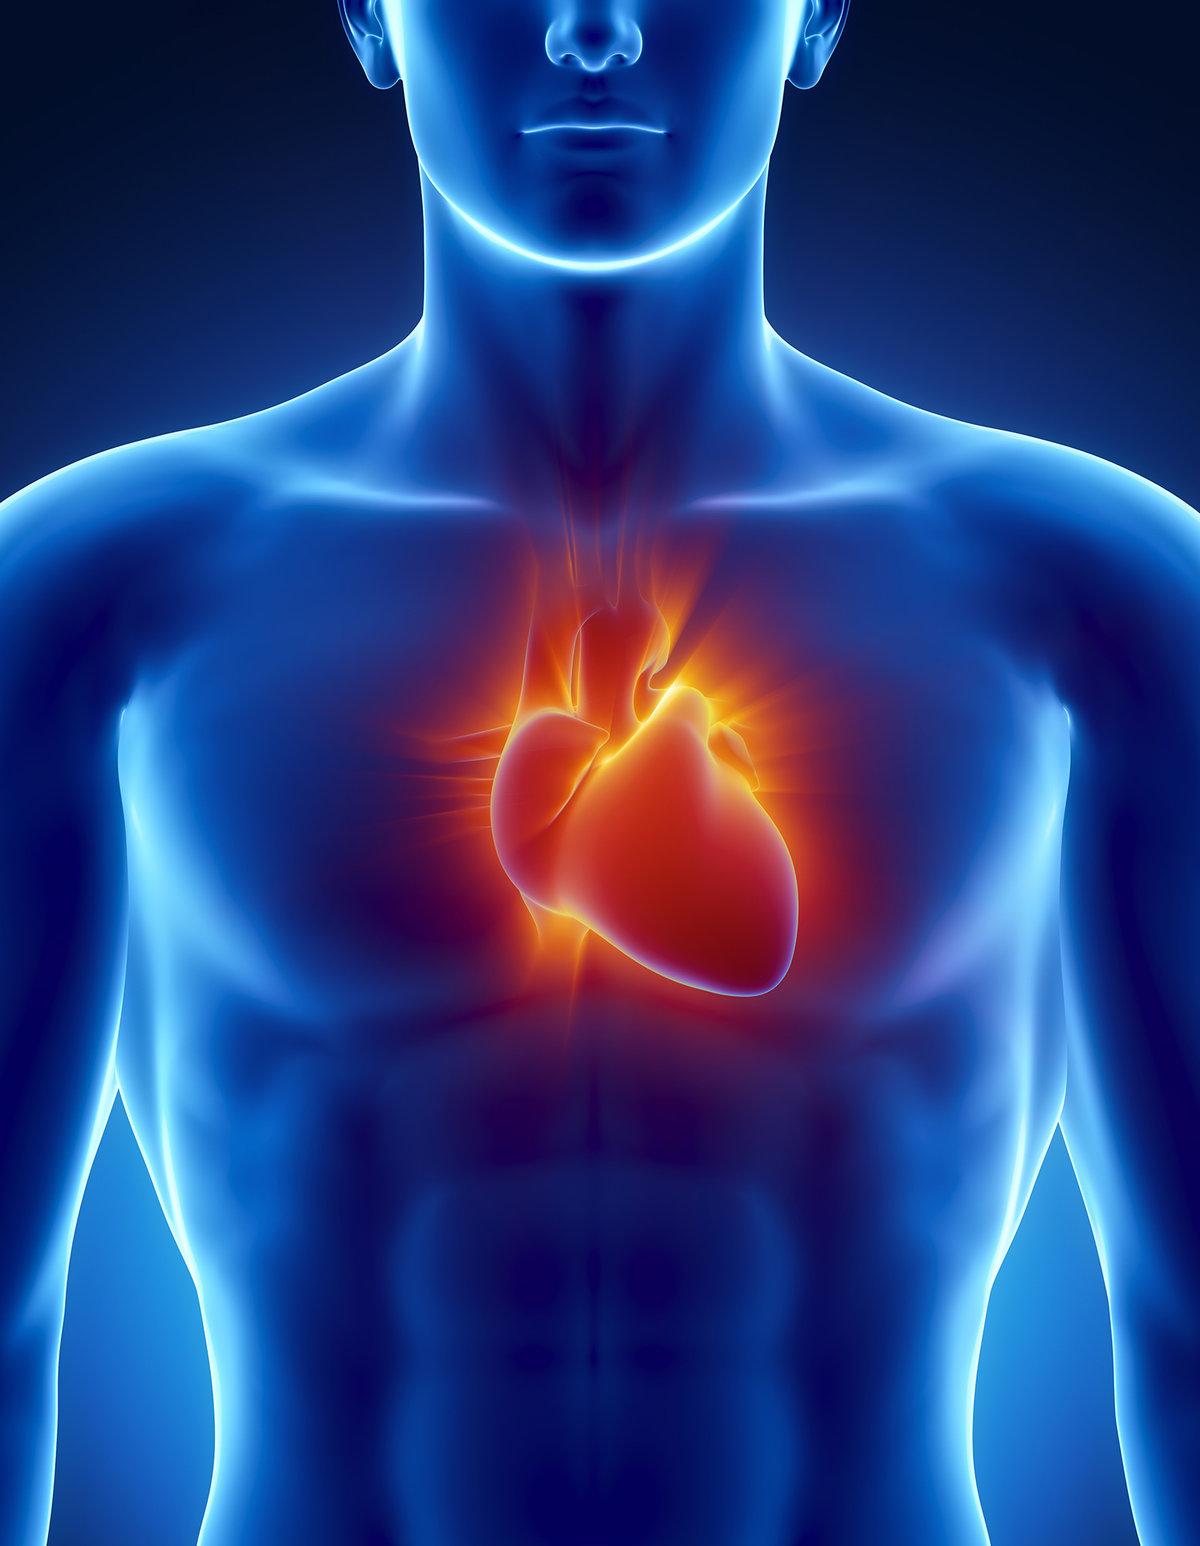 Картинка сердце человека для детей